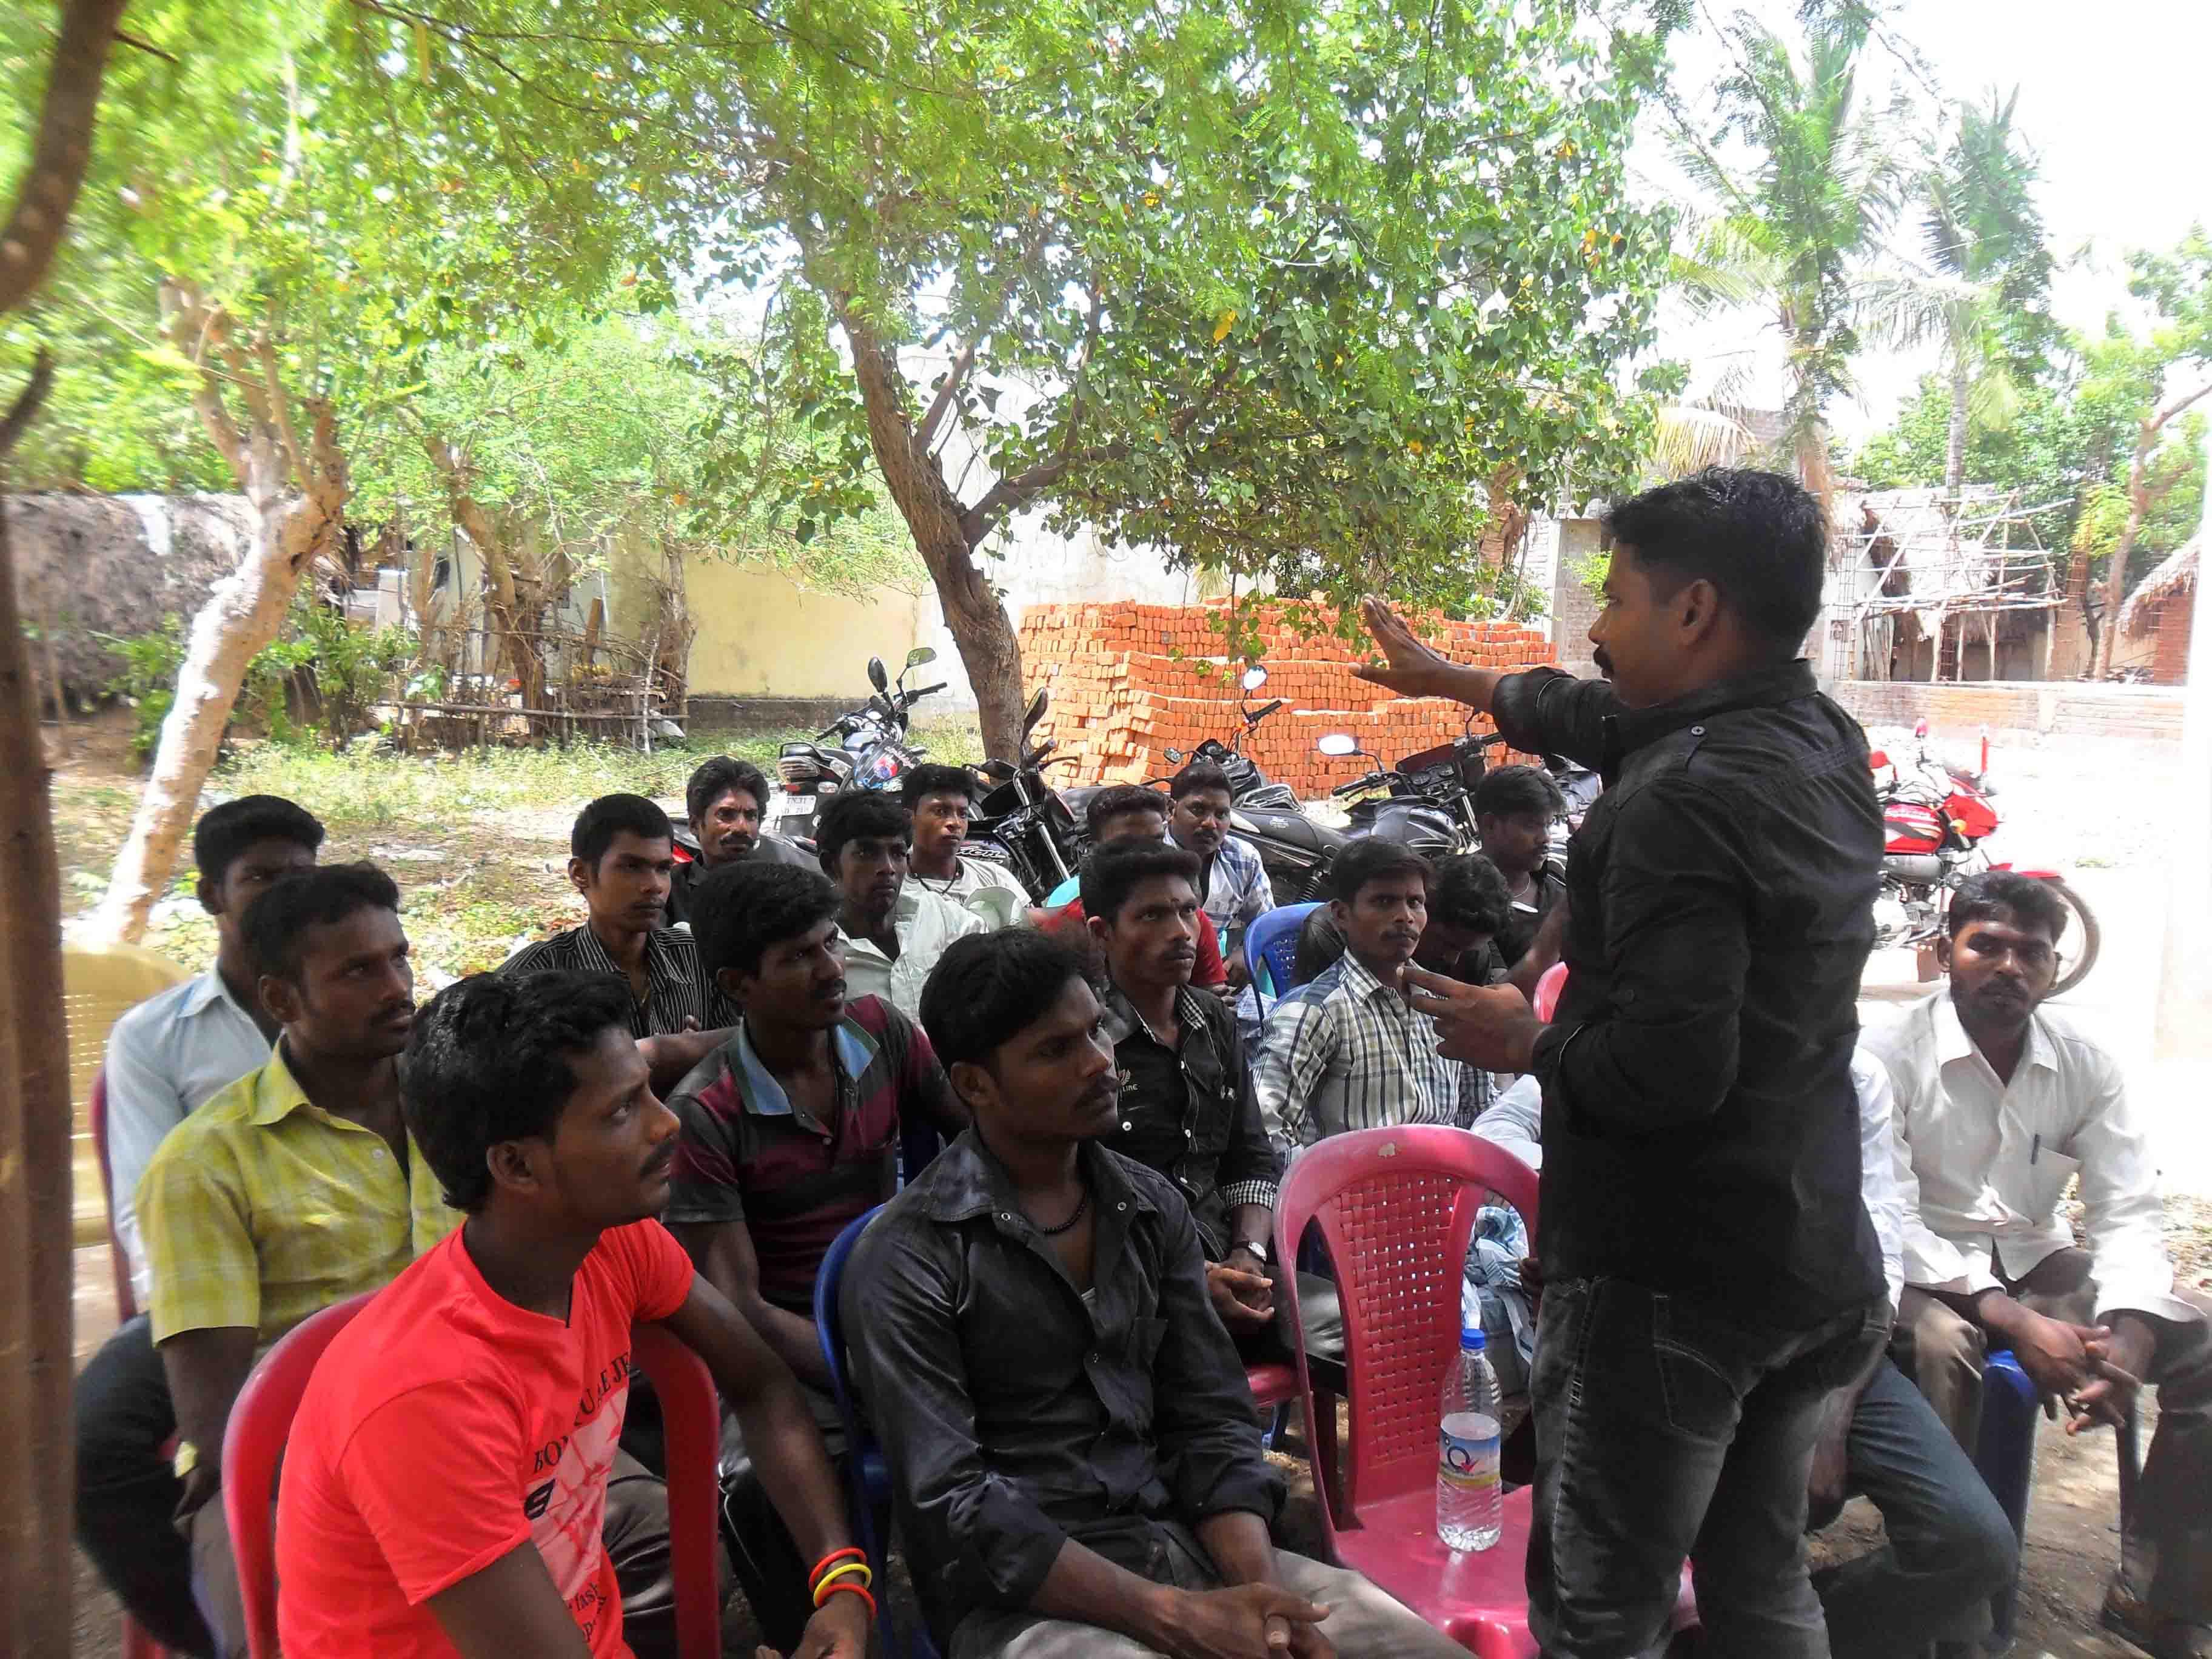 பண்ருட்டி நகராட்சி 12வது வார்டு பகுதியில் நடைபெற்ற கலந்தாய்வு கூட்டம்.